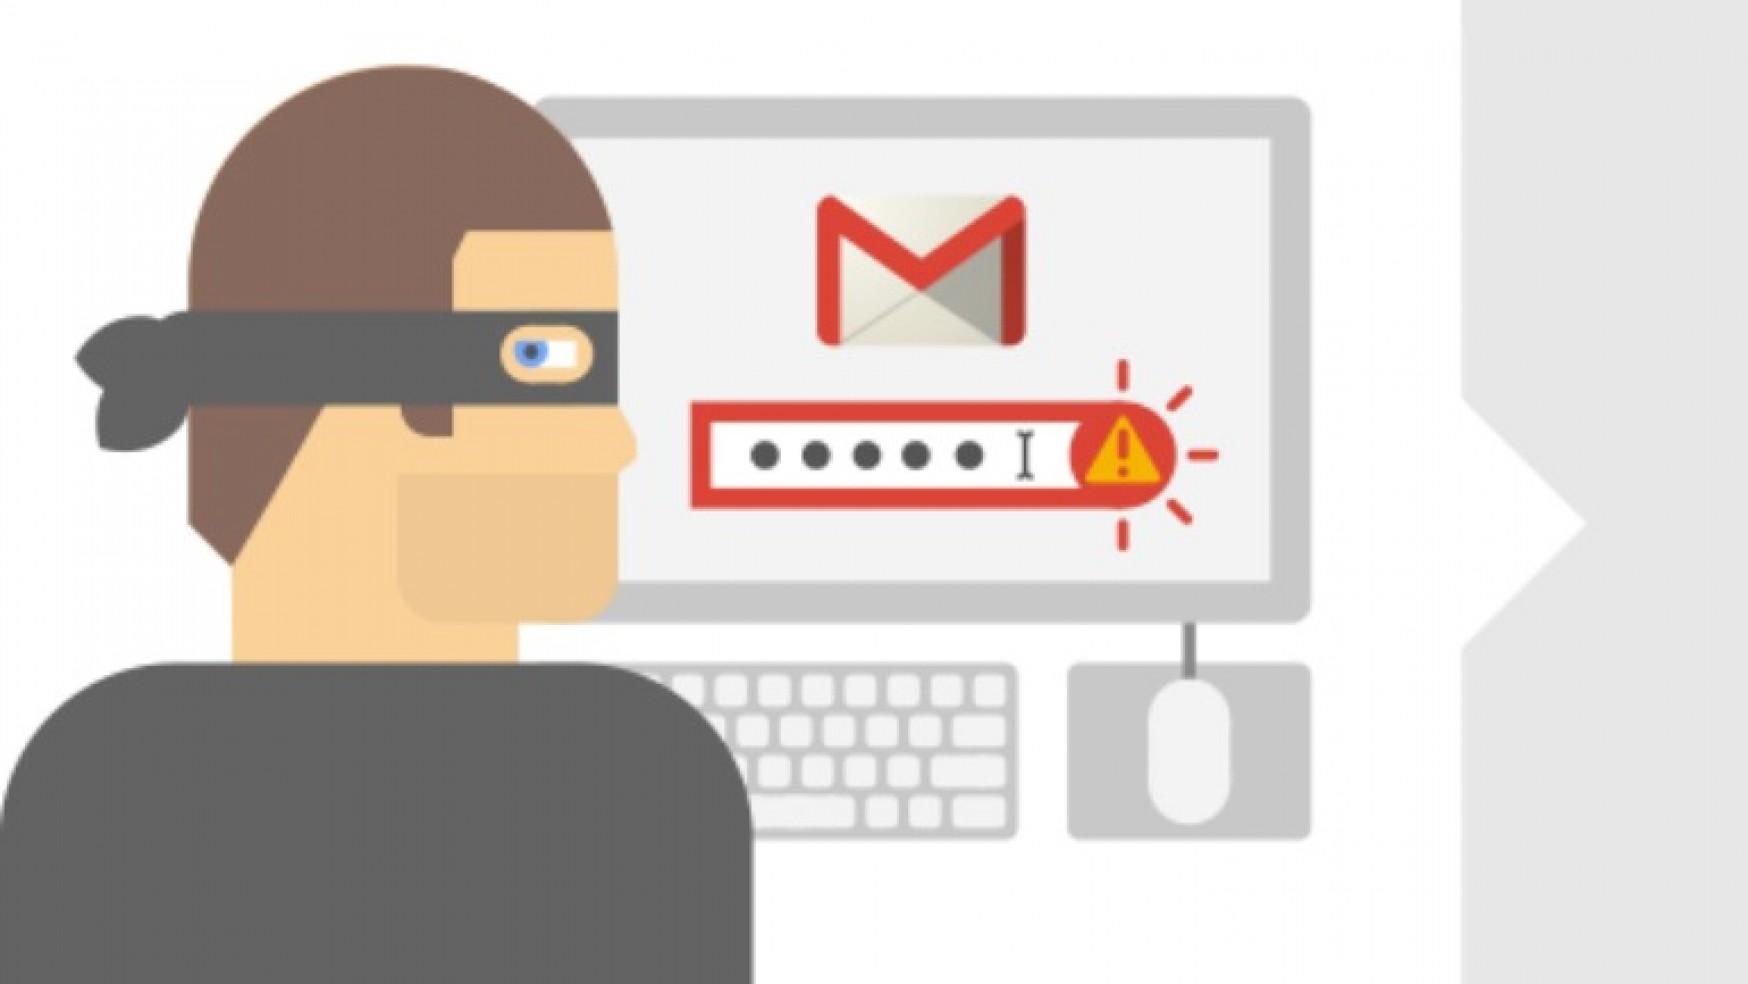 Les 100 mots de passe les plus piratés en 2017 sont toujours aussi… stupides